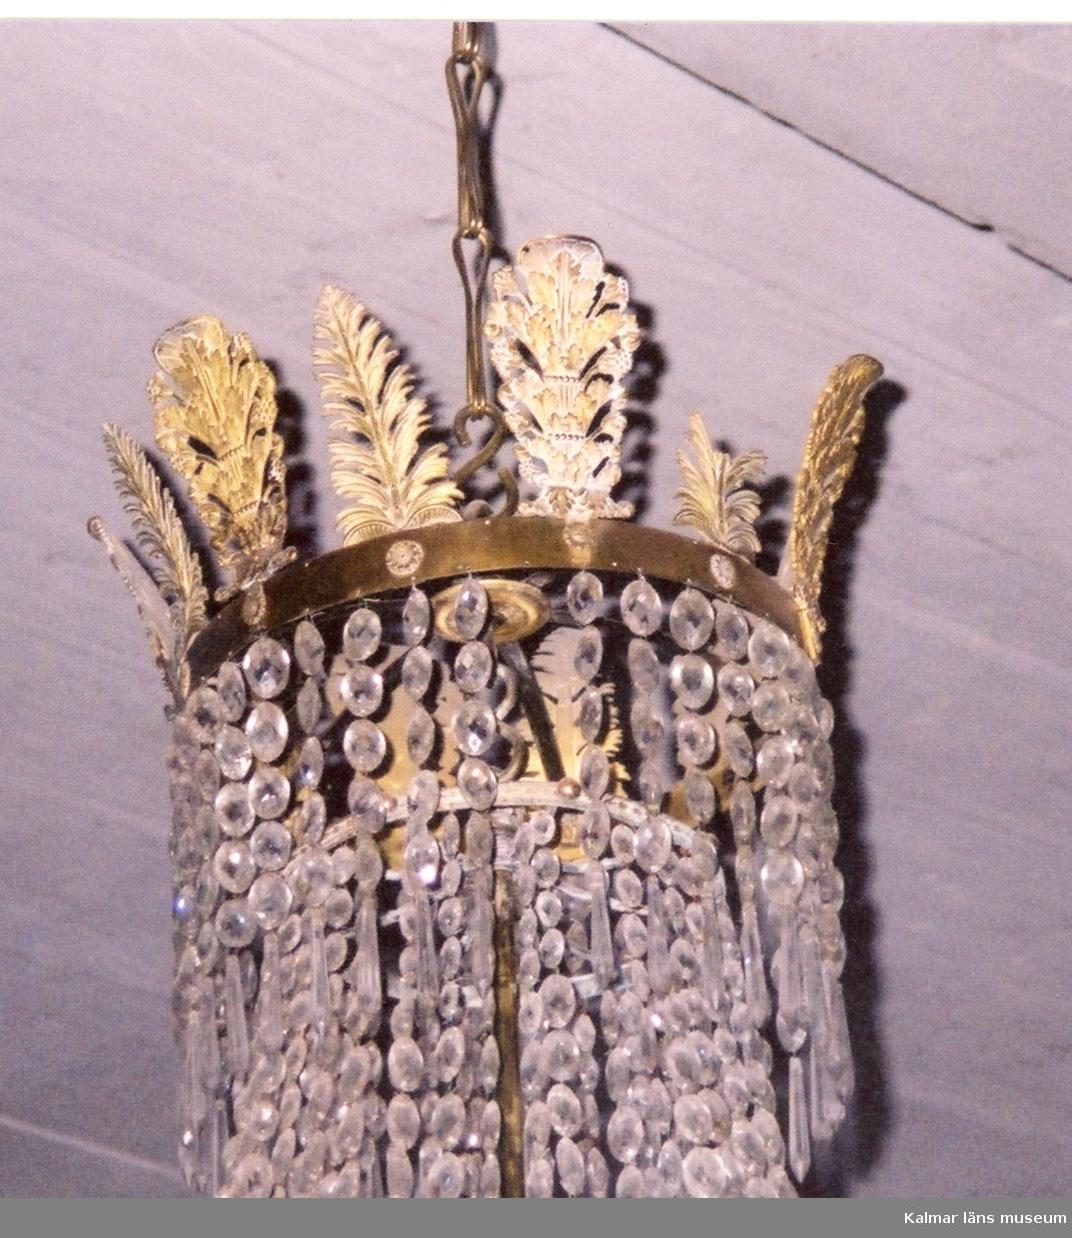 KLM 24971. Ljuskrona. Brons och kristall. Renoverad av Lindstedt & son gelbgjuteri 2001. Empire.